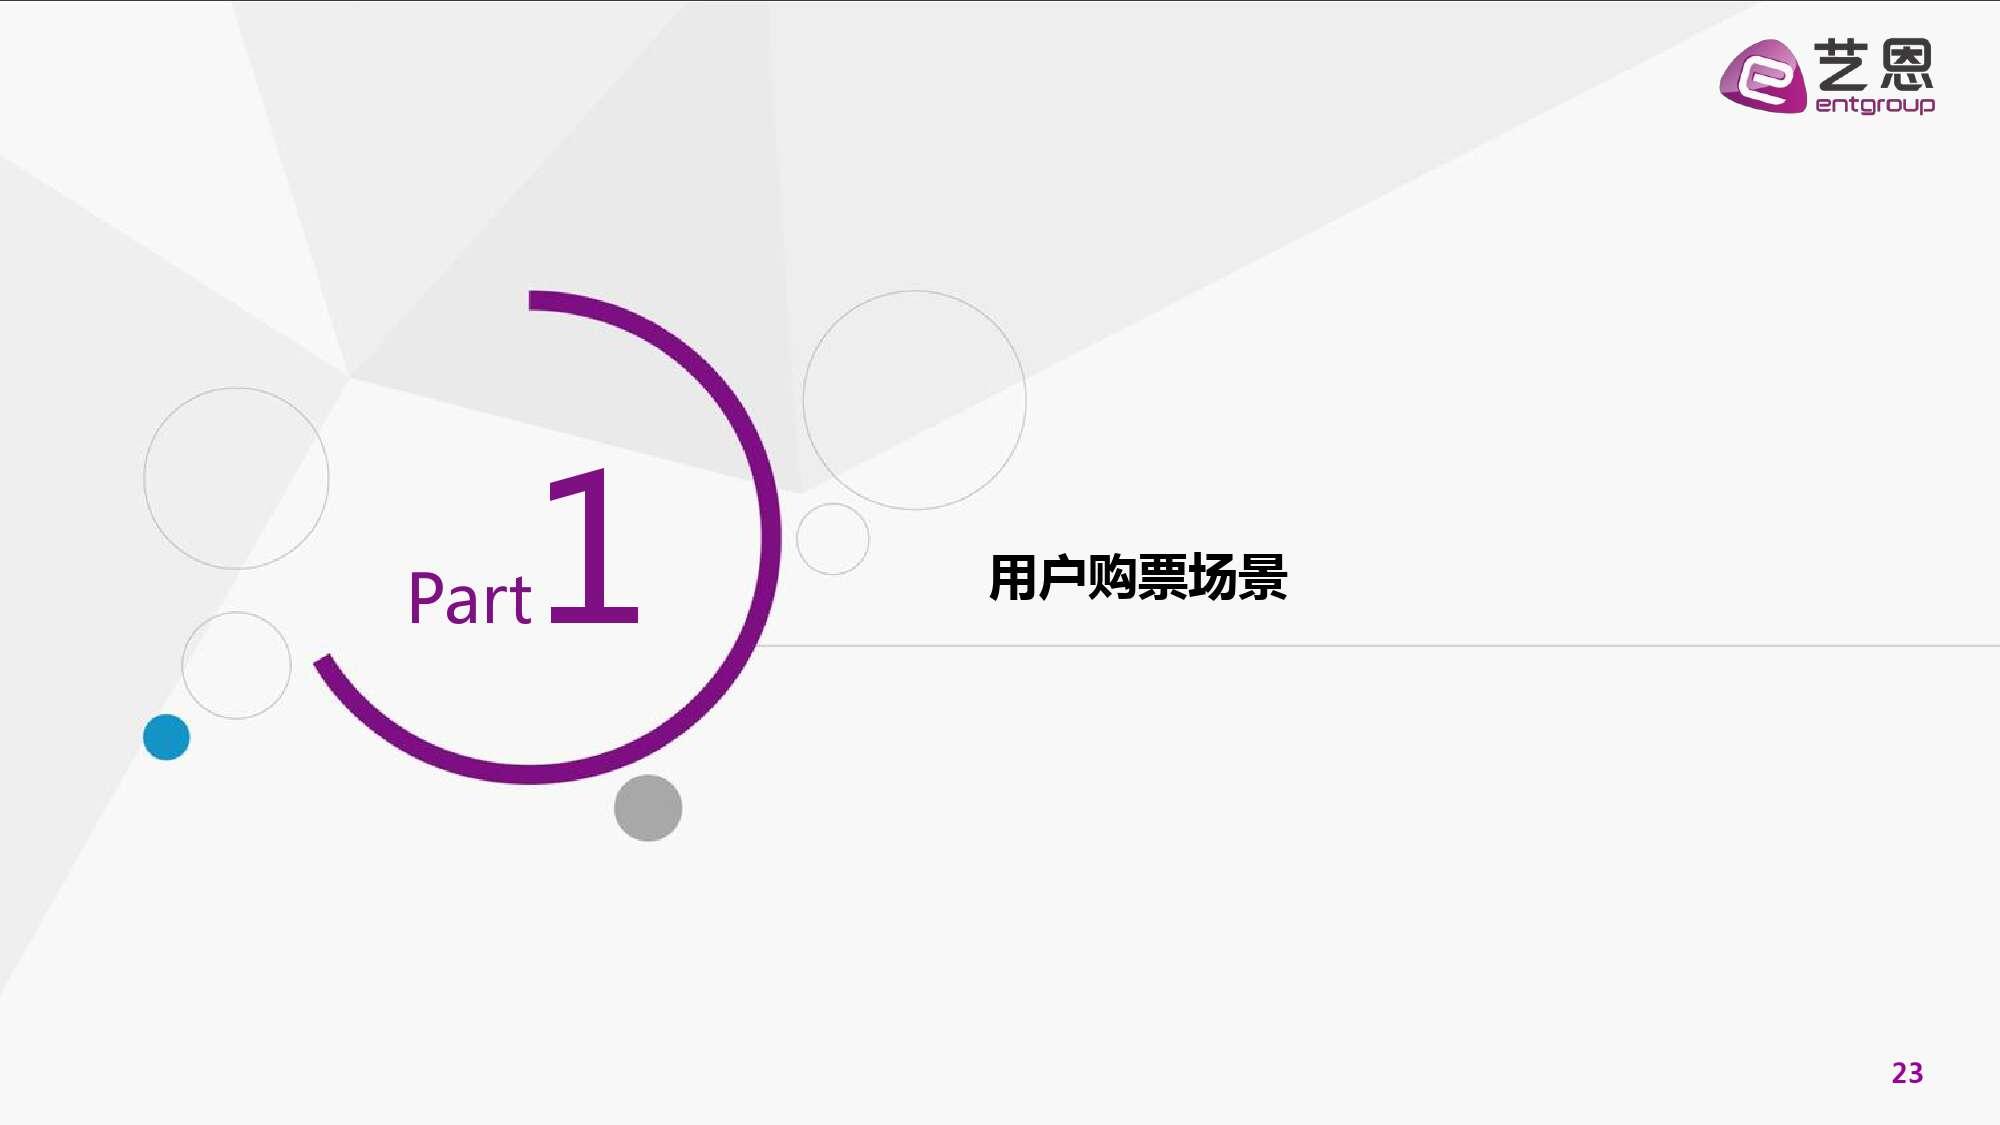 2016年中国电影在线票务市场研究报告_000023